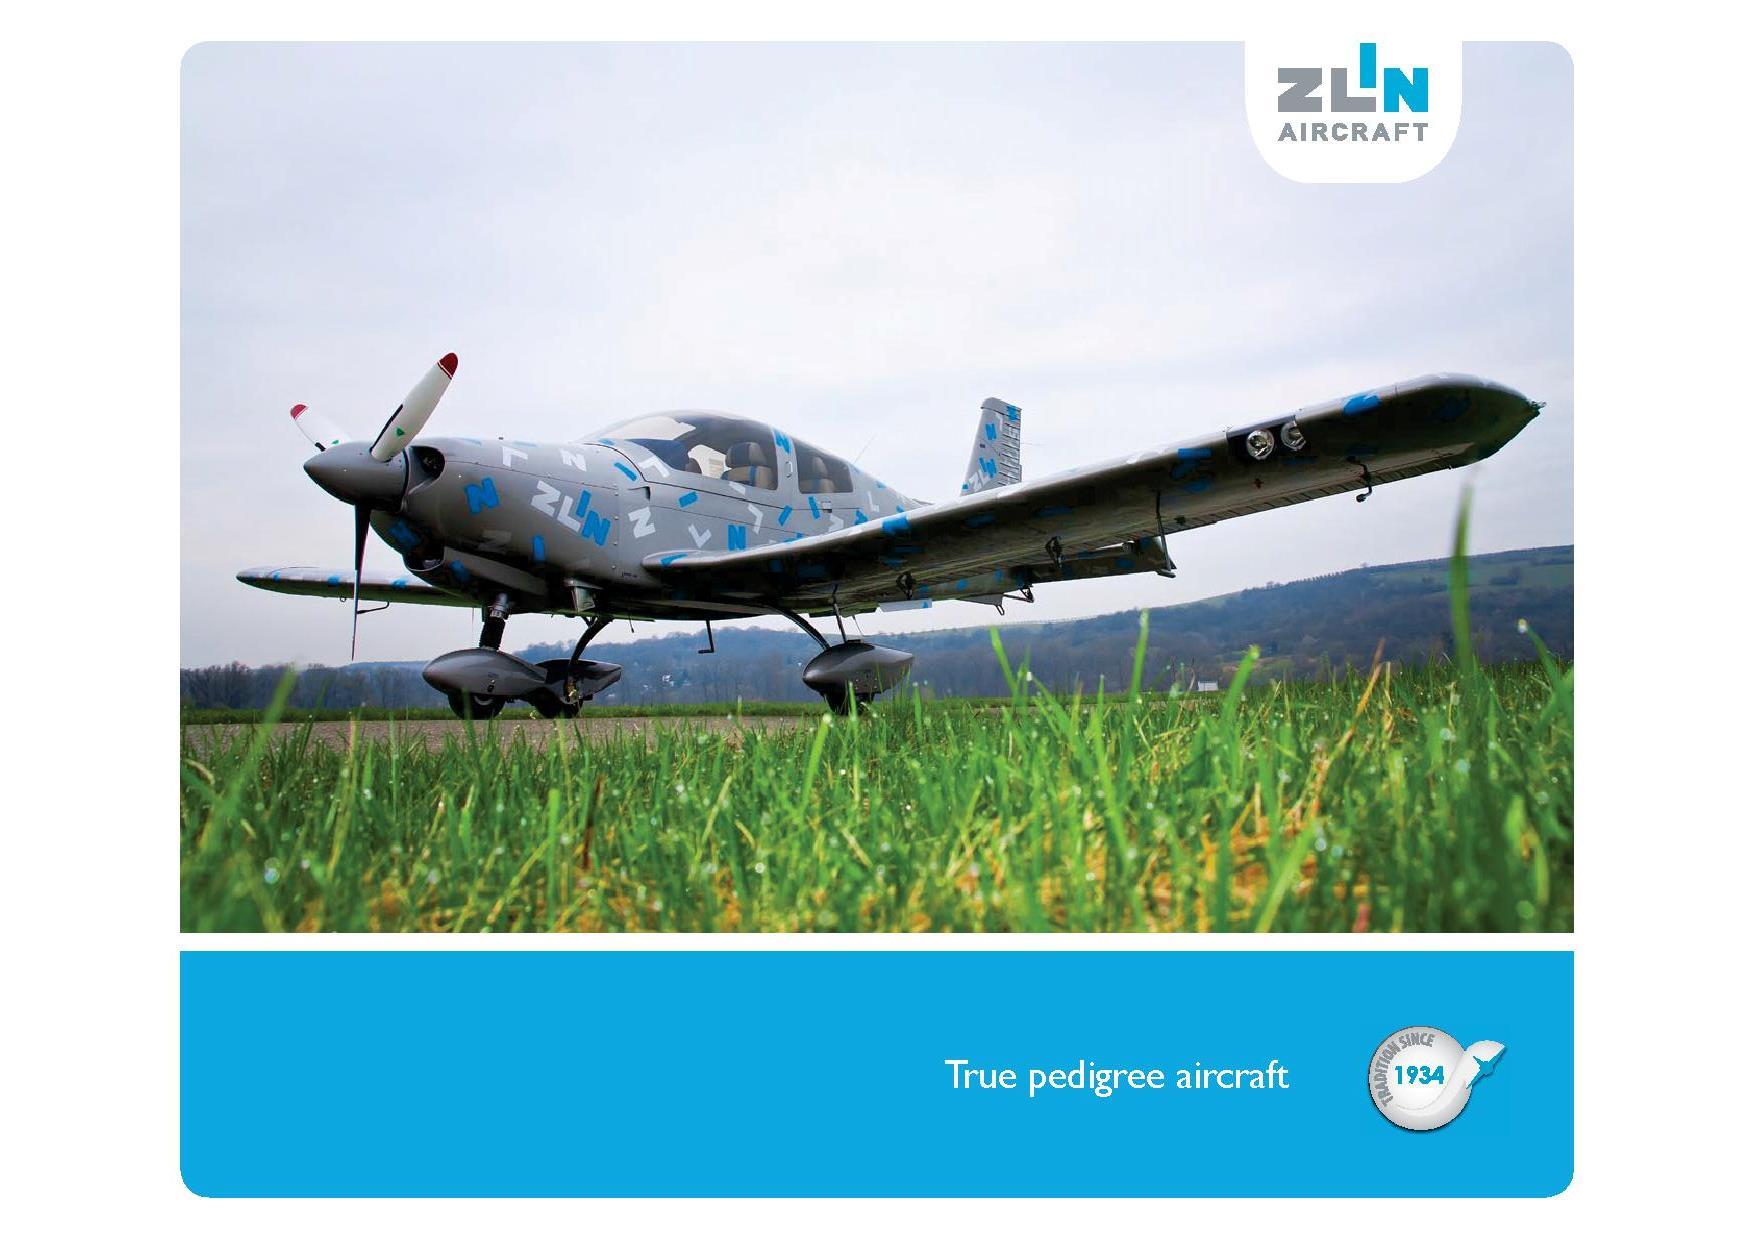 ZLIN_AIRCAFT_letadla